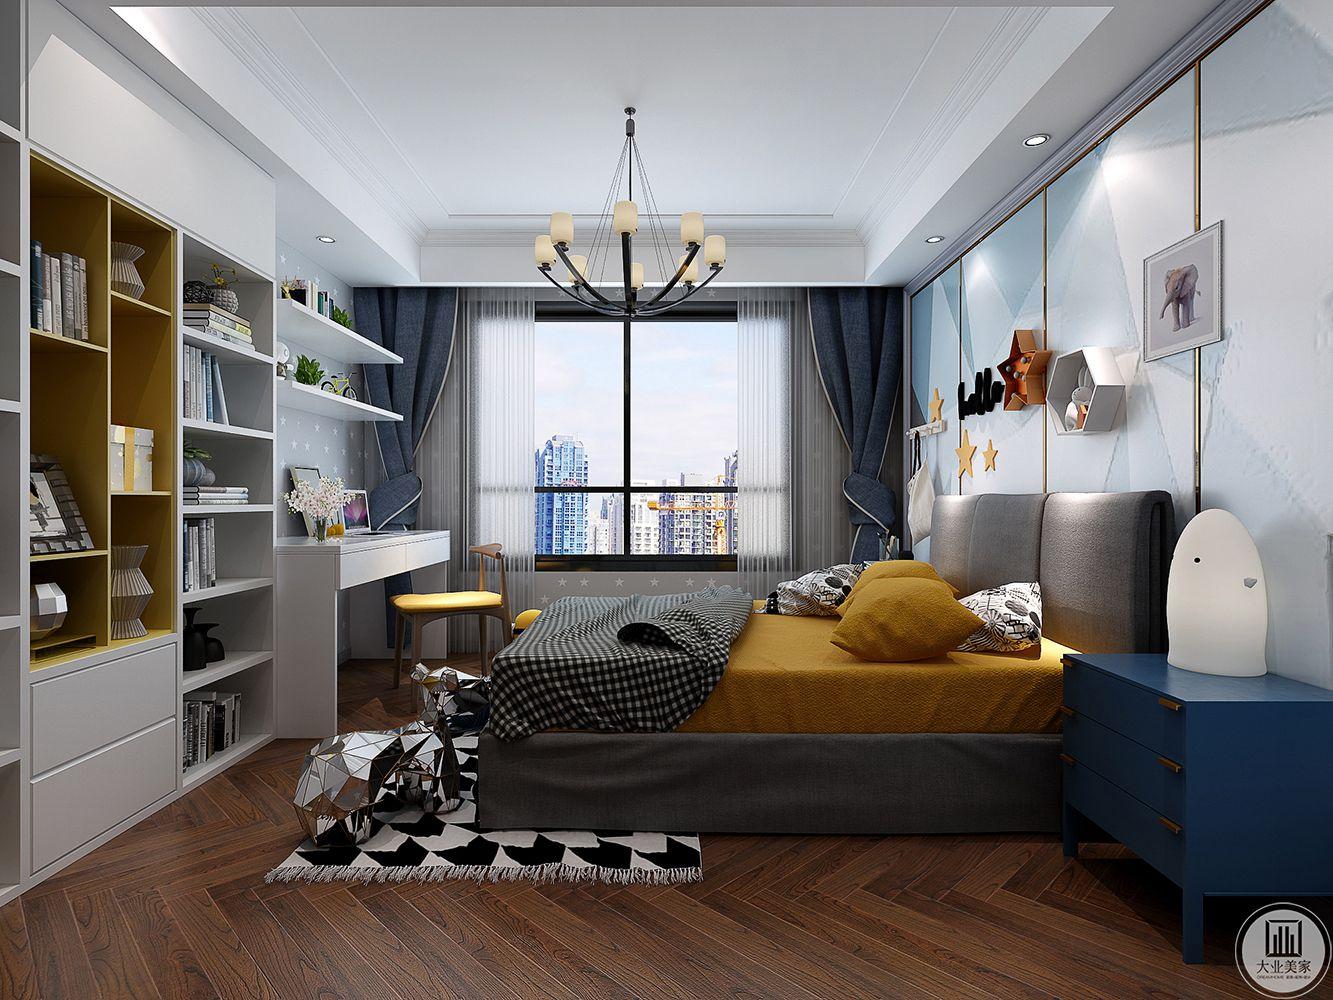 小孩房的背景可爱精致,搭配精致的家具软装,一组书桌柜,实用又美观,儿童房的色彩大气中又有点俏皮,舒适感极强。